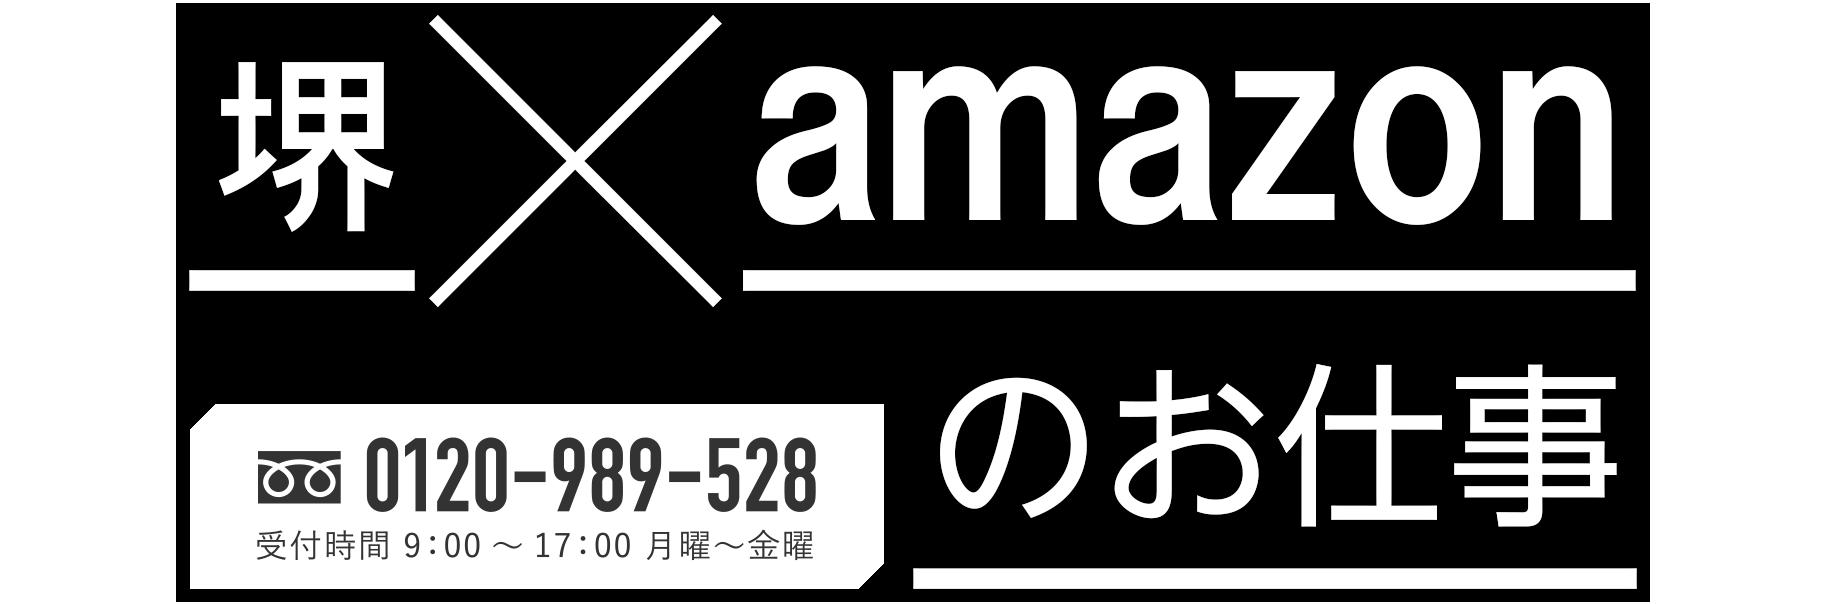 堺アマゾンで働く! 堺